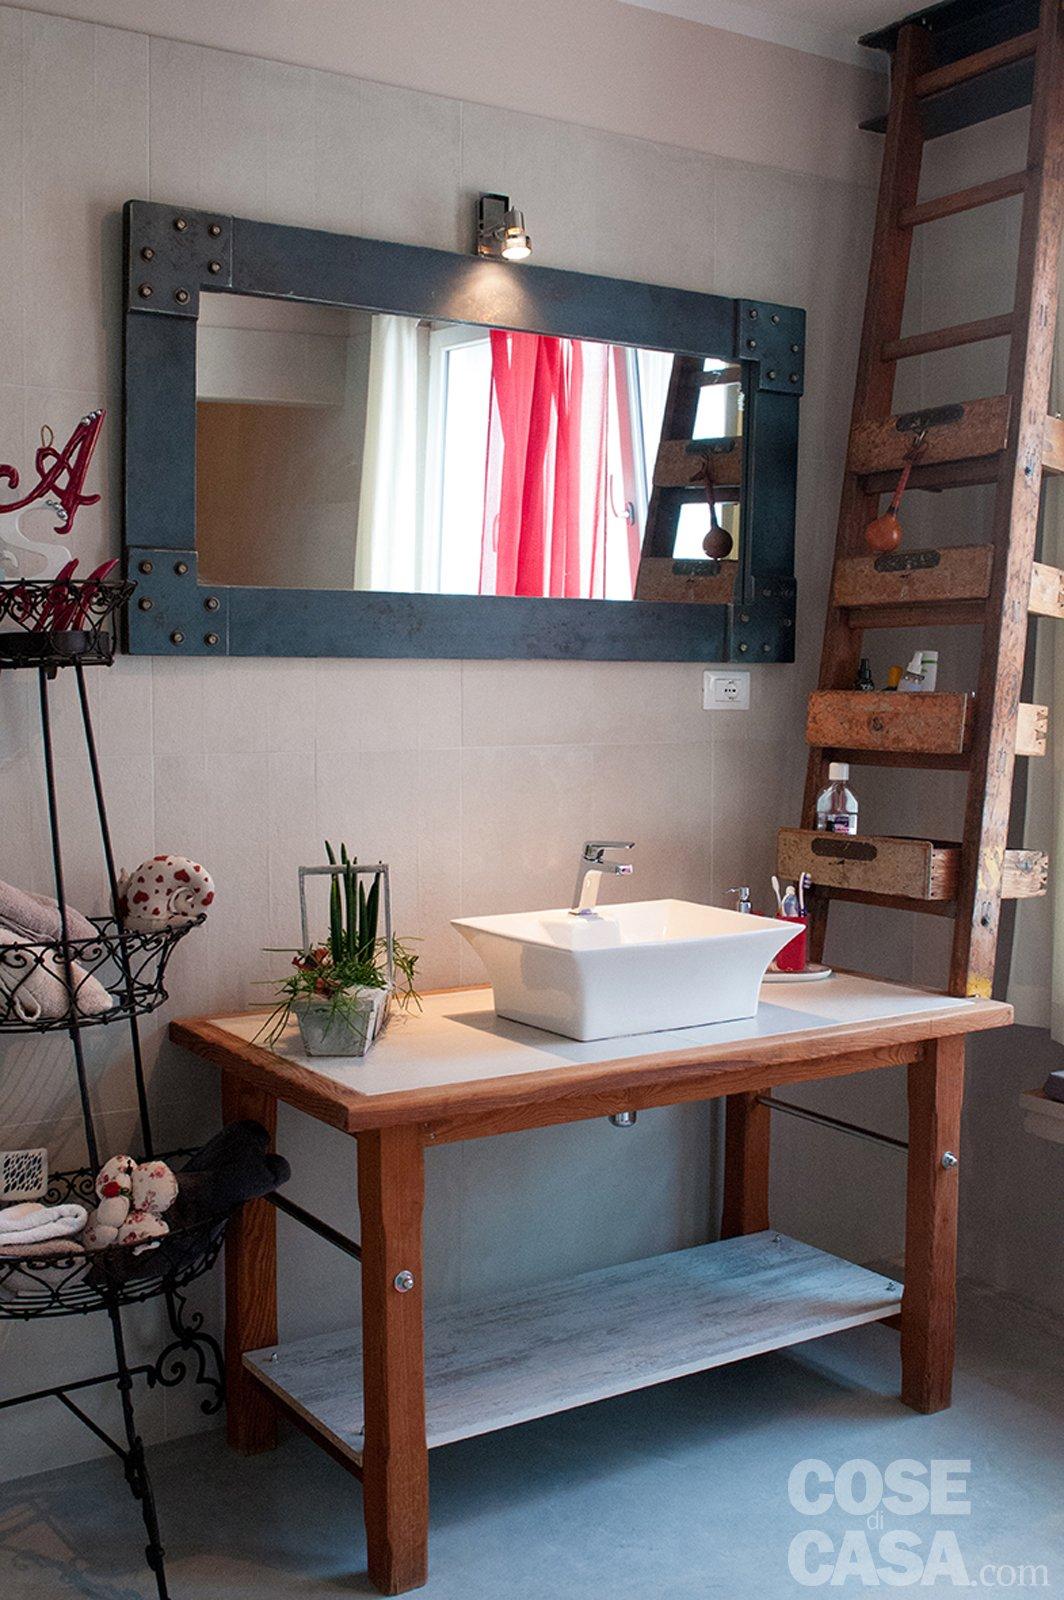 Da vecchio laboratorio a casa con atmosfere da loft cose di casa - Bagno di casa ...